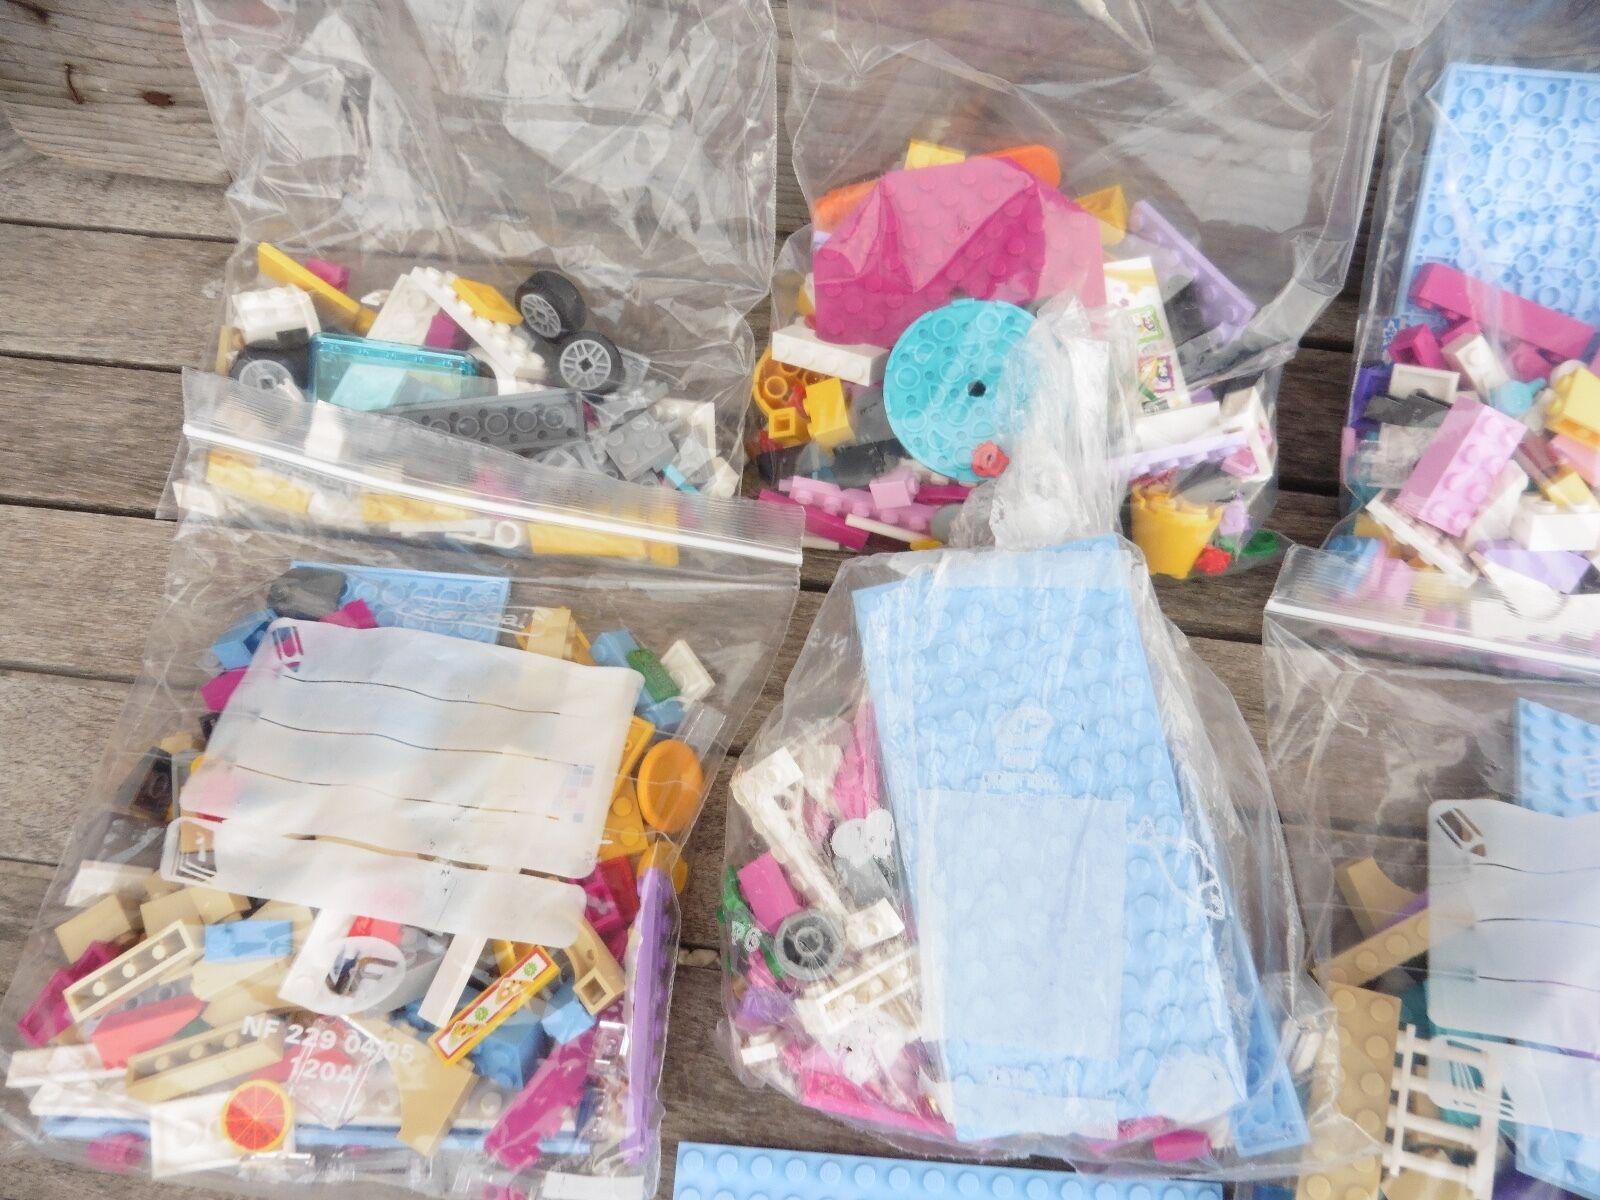 Bonne année, achat de recettes, cadeaux LEGO FRIEND REF REF REF 41058 COMPLET A 100% /MANQUE LA BOITE 4eaf8c